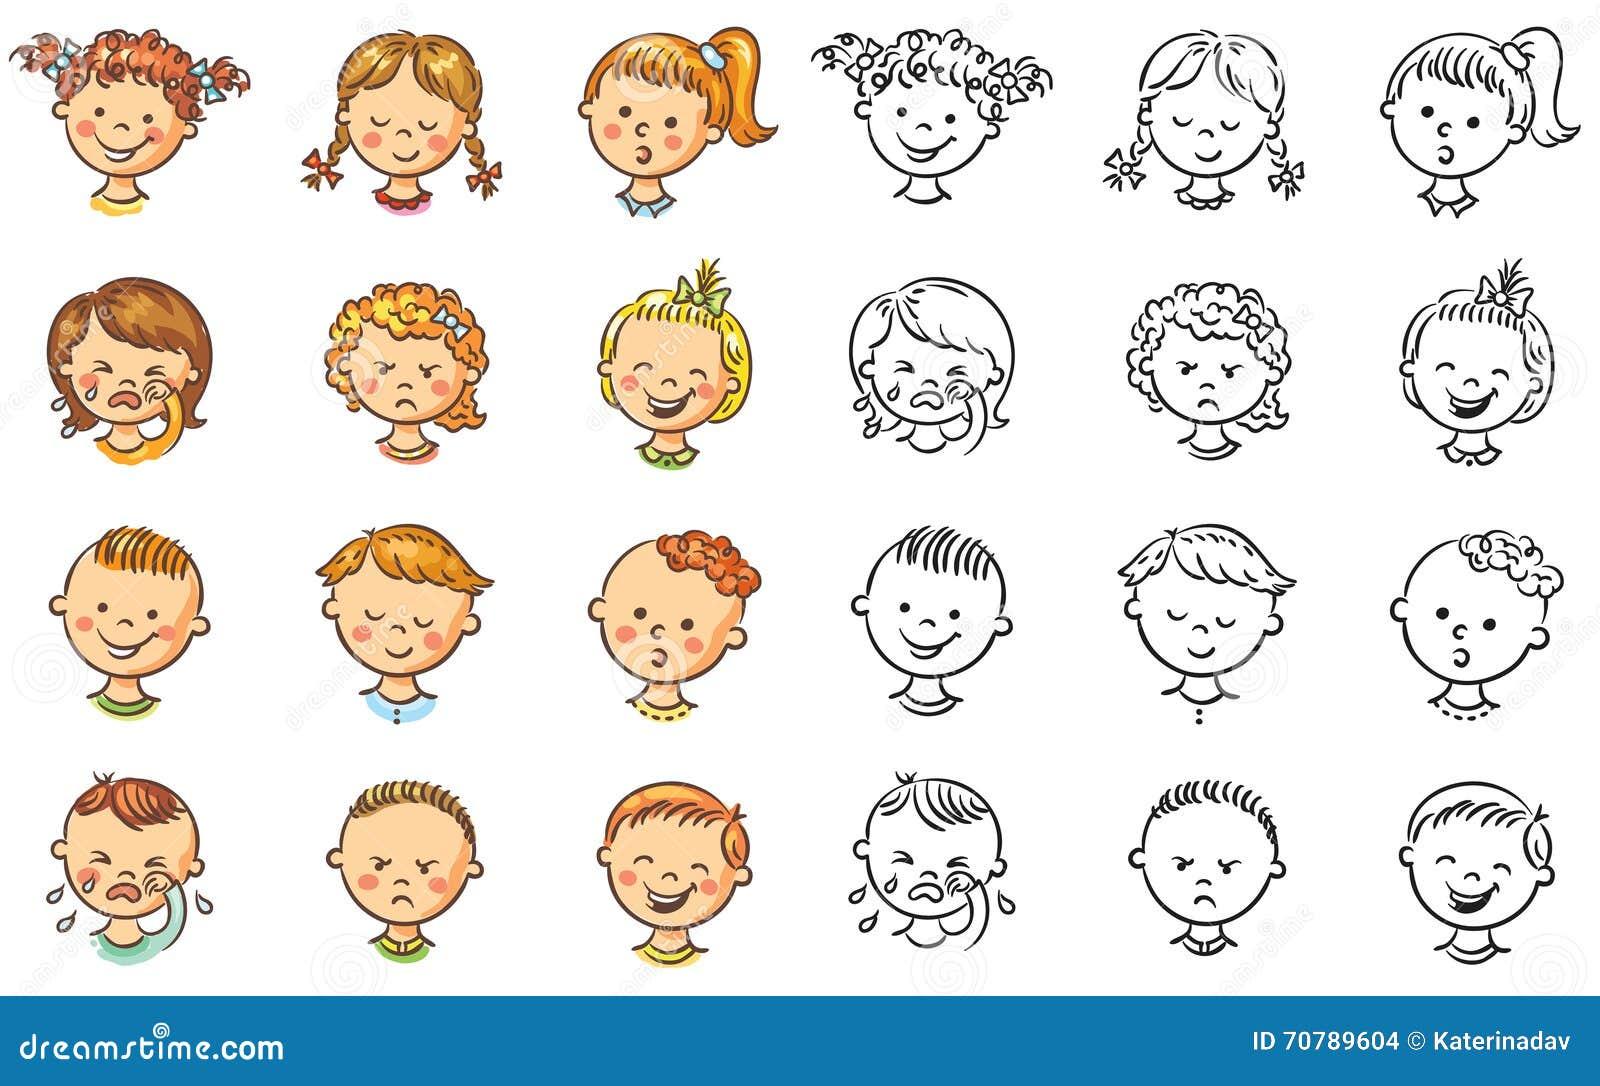 Раскраски эмоции и чувства для детей